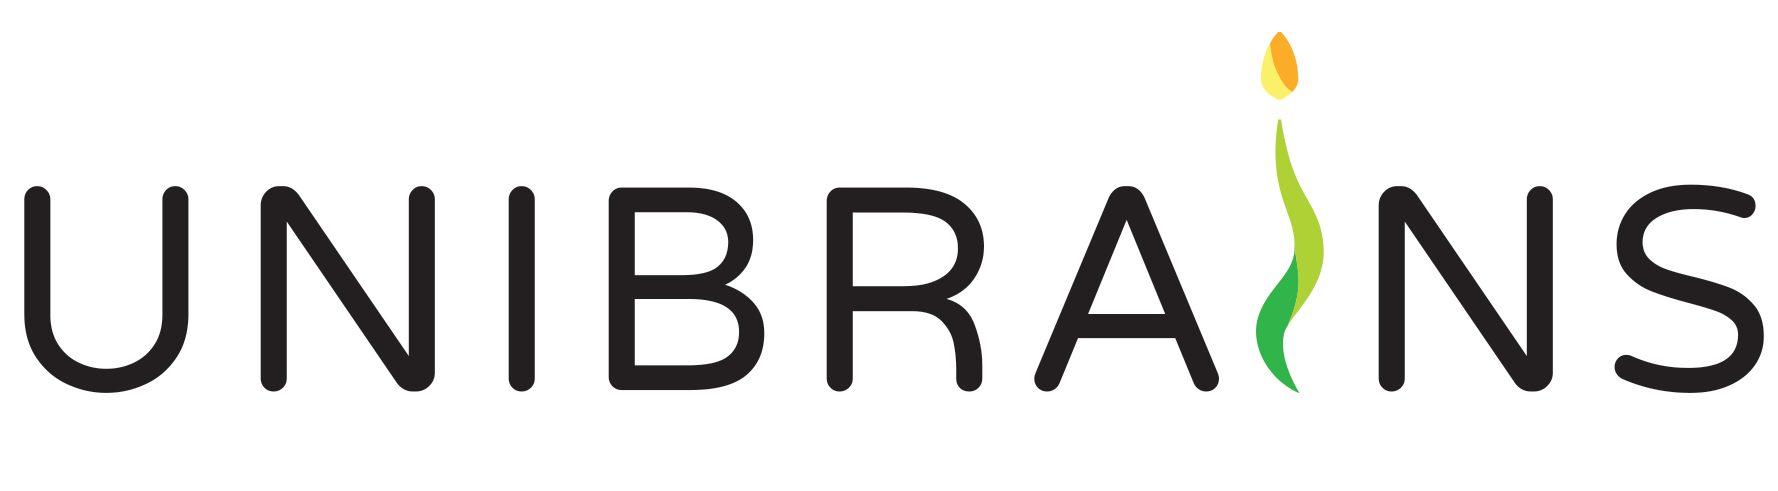 Unibrains